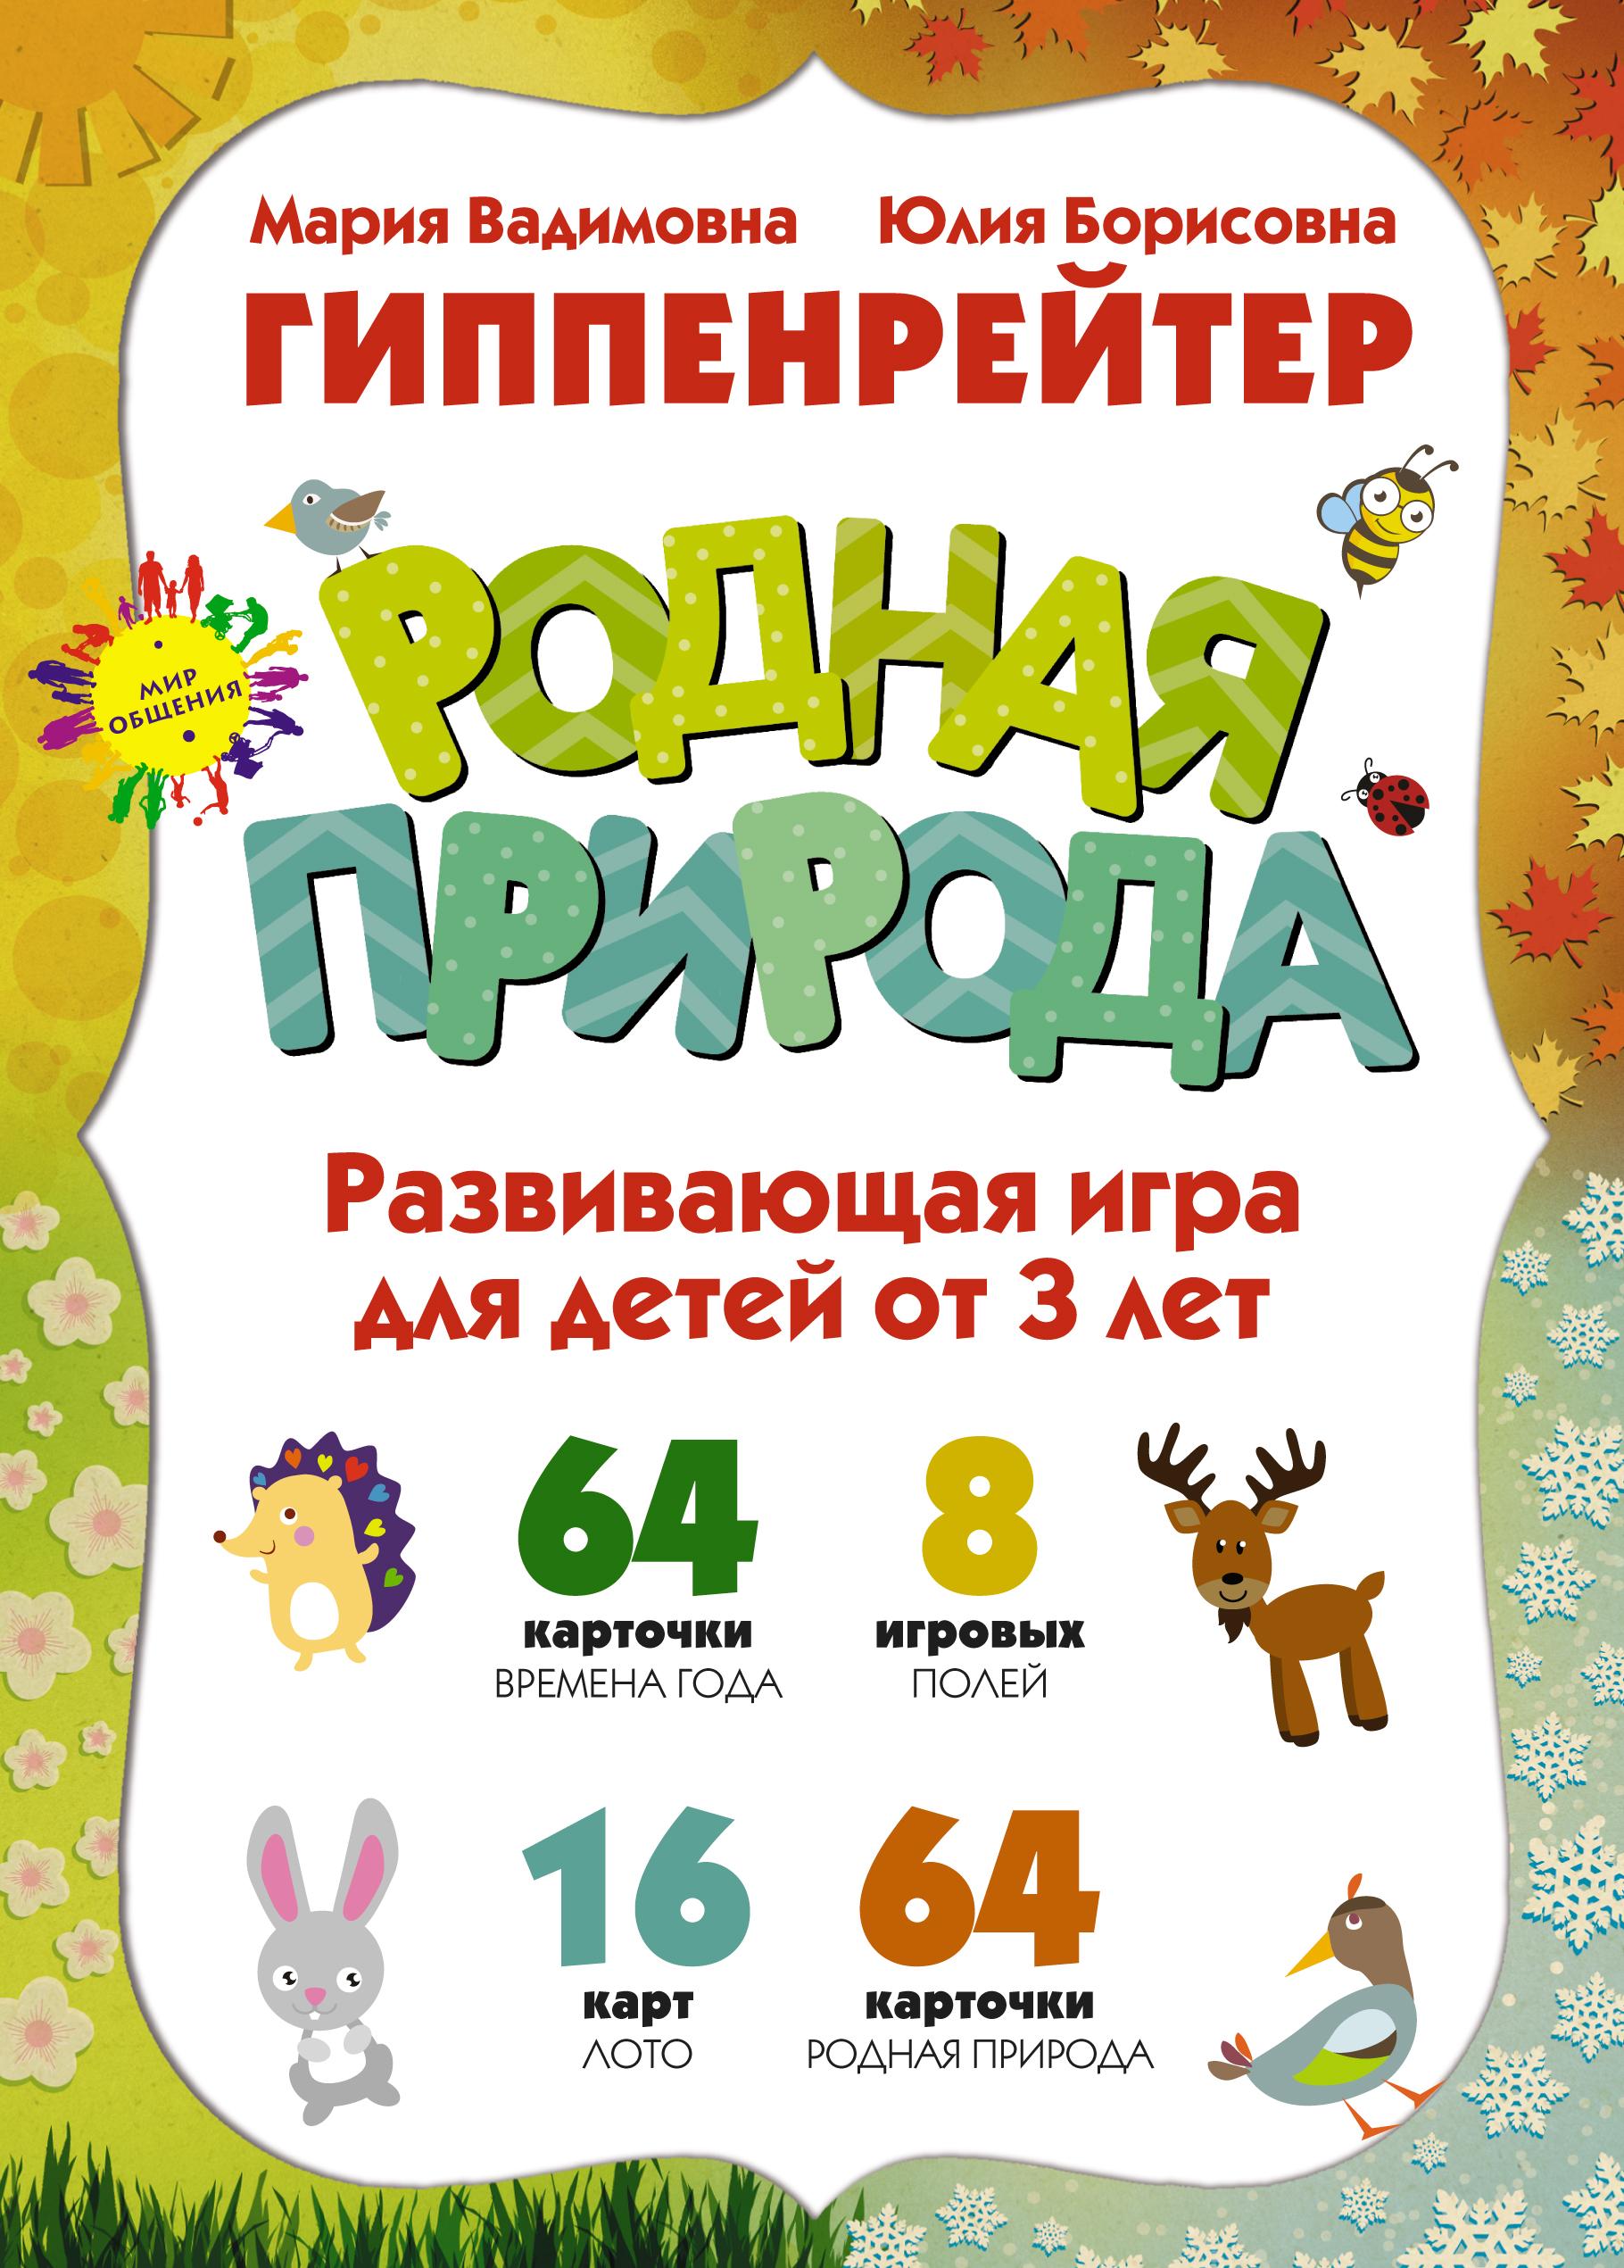 игры для девочек играть онлайн бесплатно на русском языке для детей 10лет